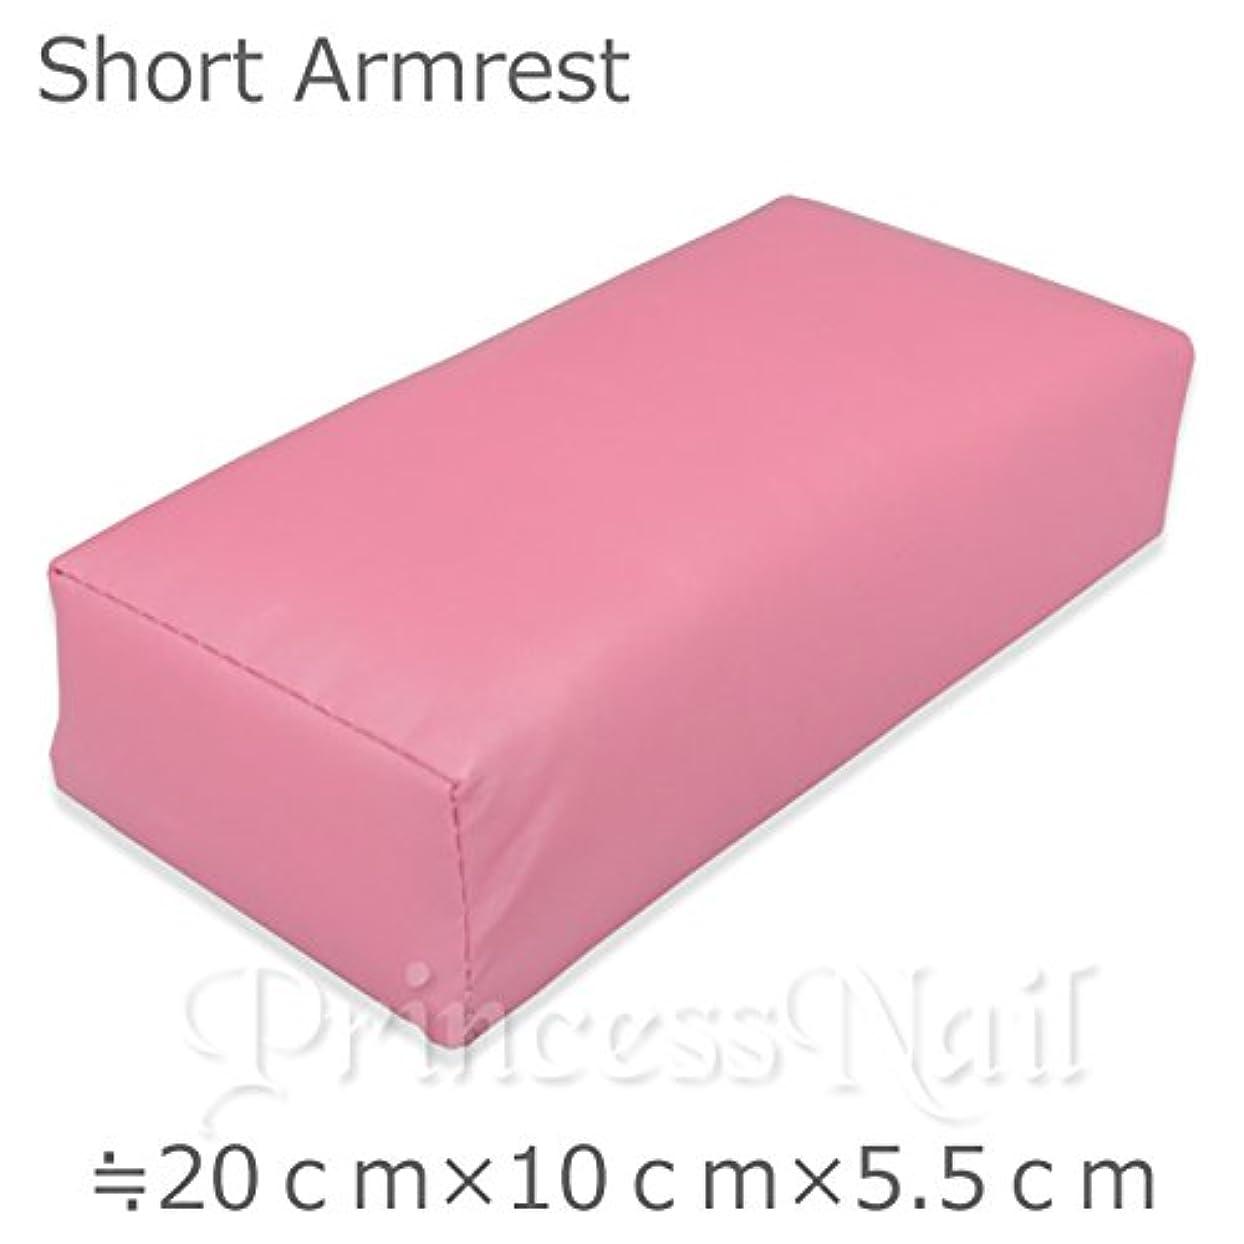 単独で一時的生じるネイルケア用アームレスト ショートタイプ ハンドピロー 手枕 D10cm×W20cm×H5.5cm ハンド枕